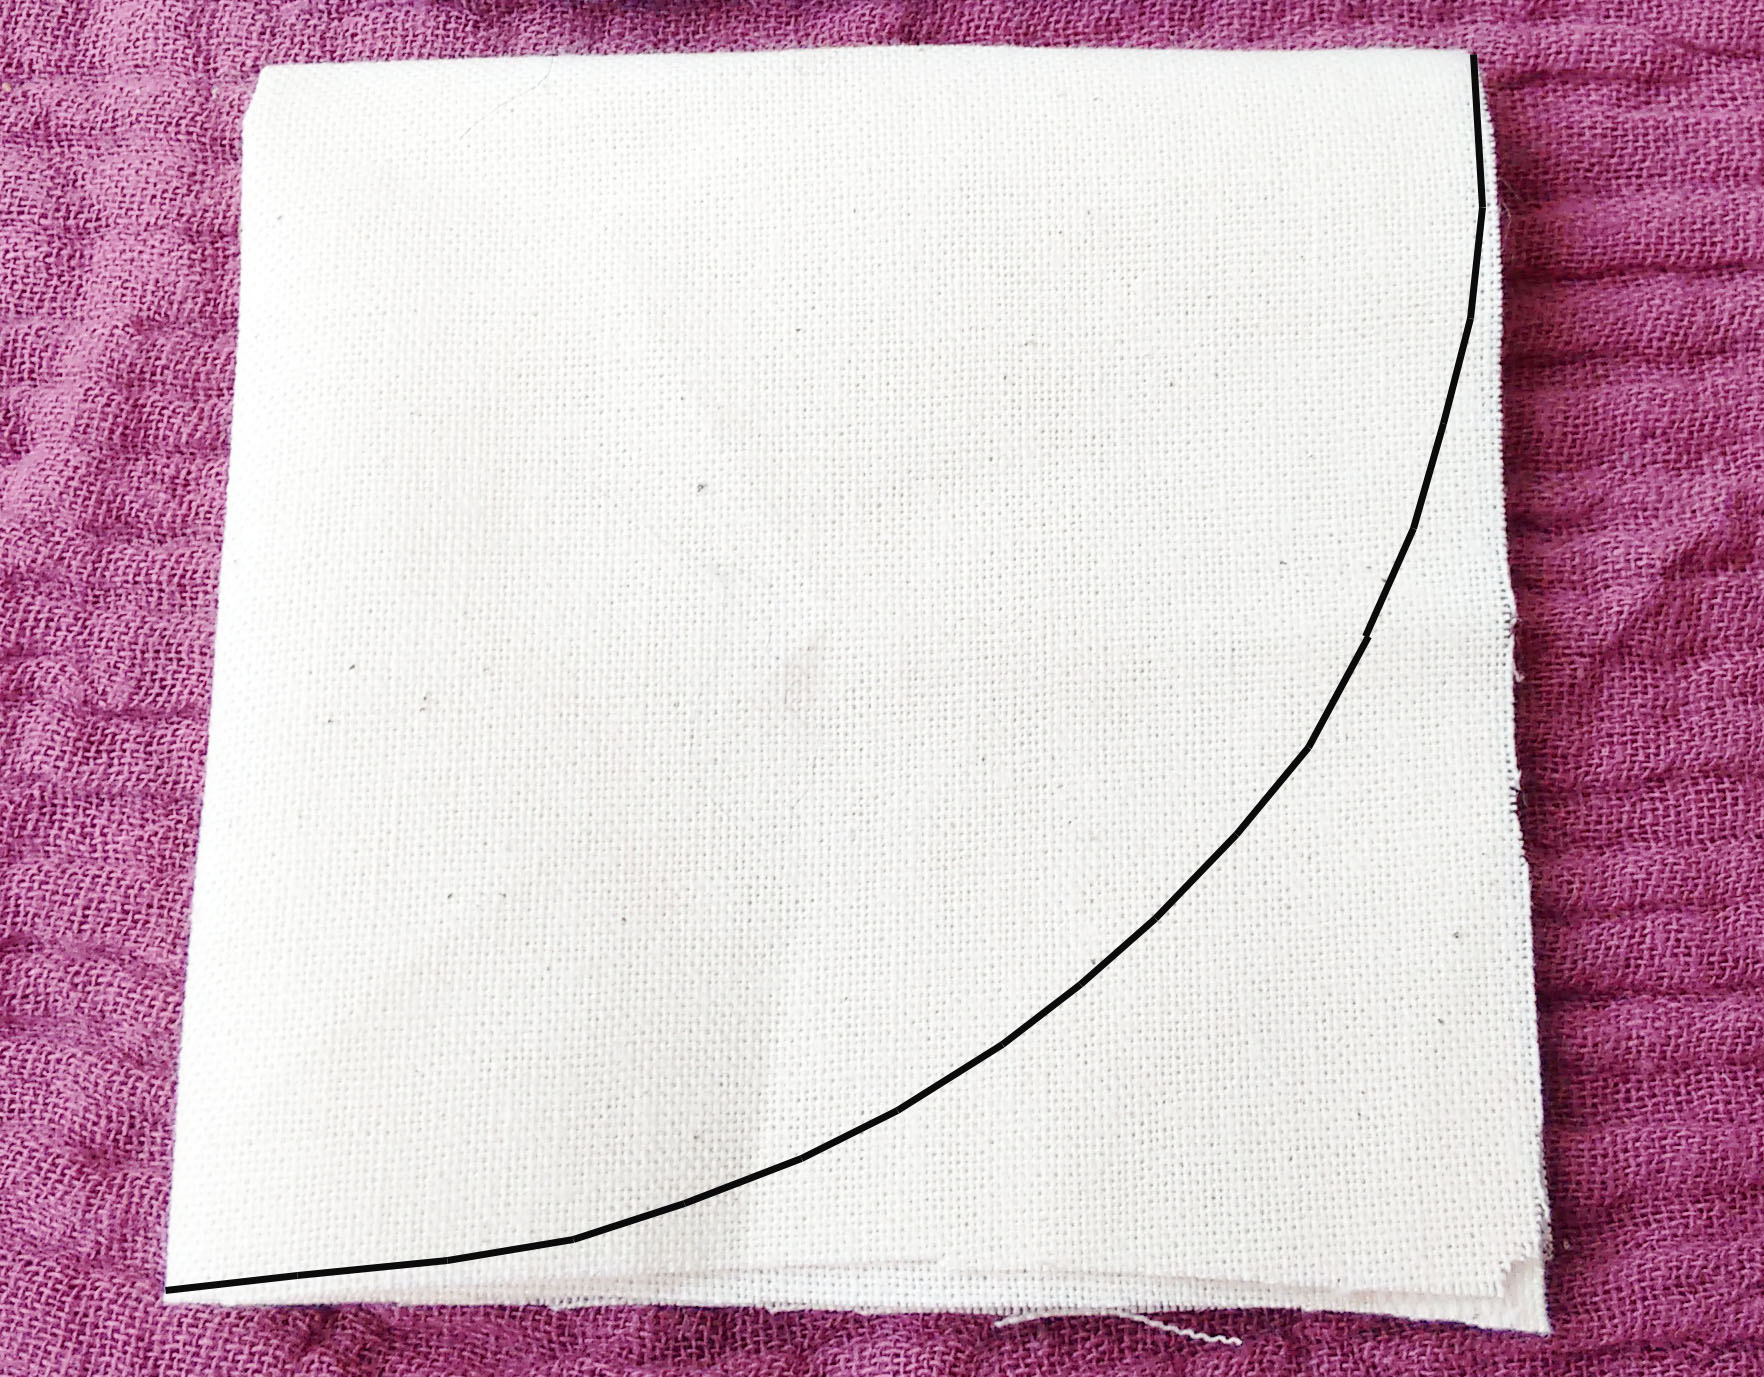 Kreis schneiden aus Stoff - Schritt 4 - Zuschneiden